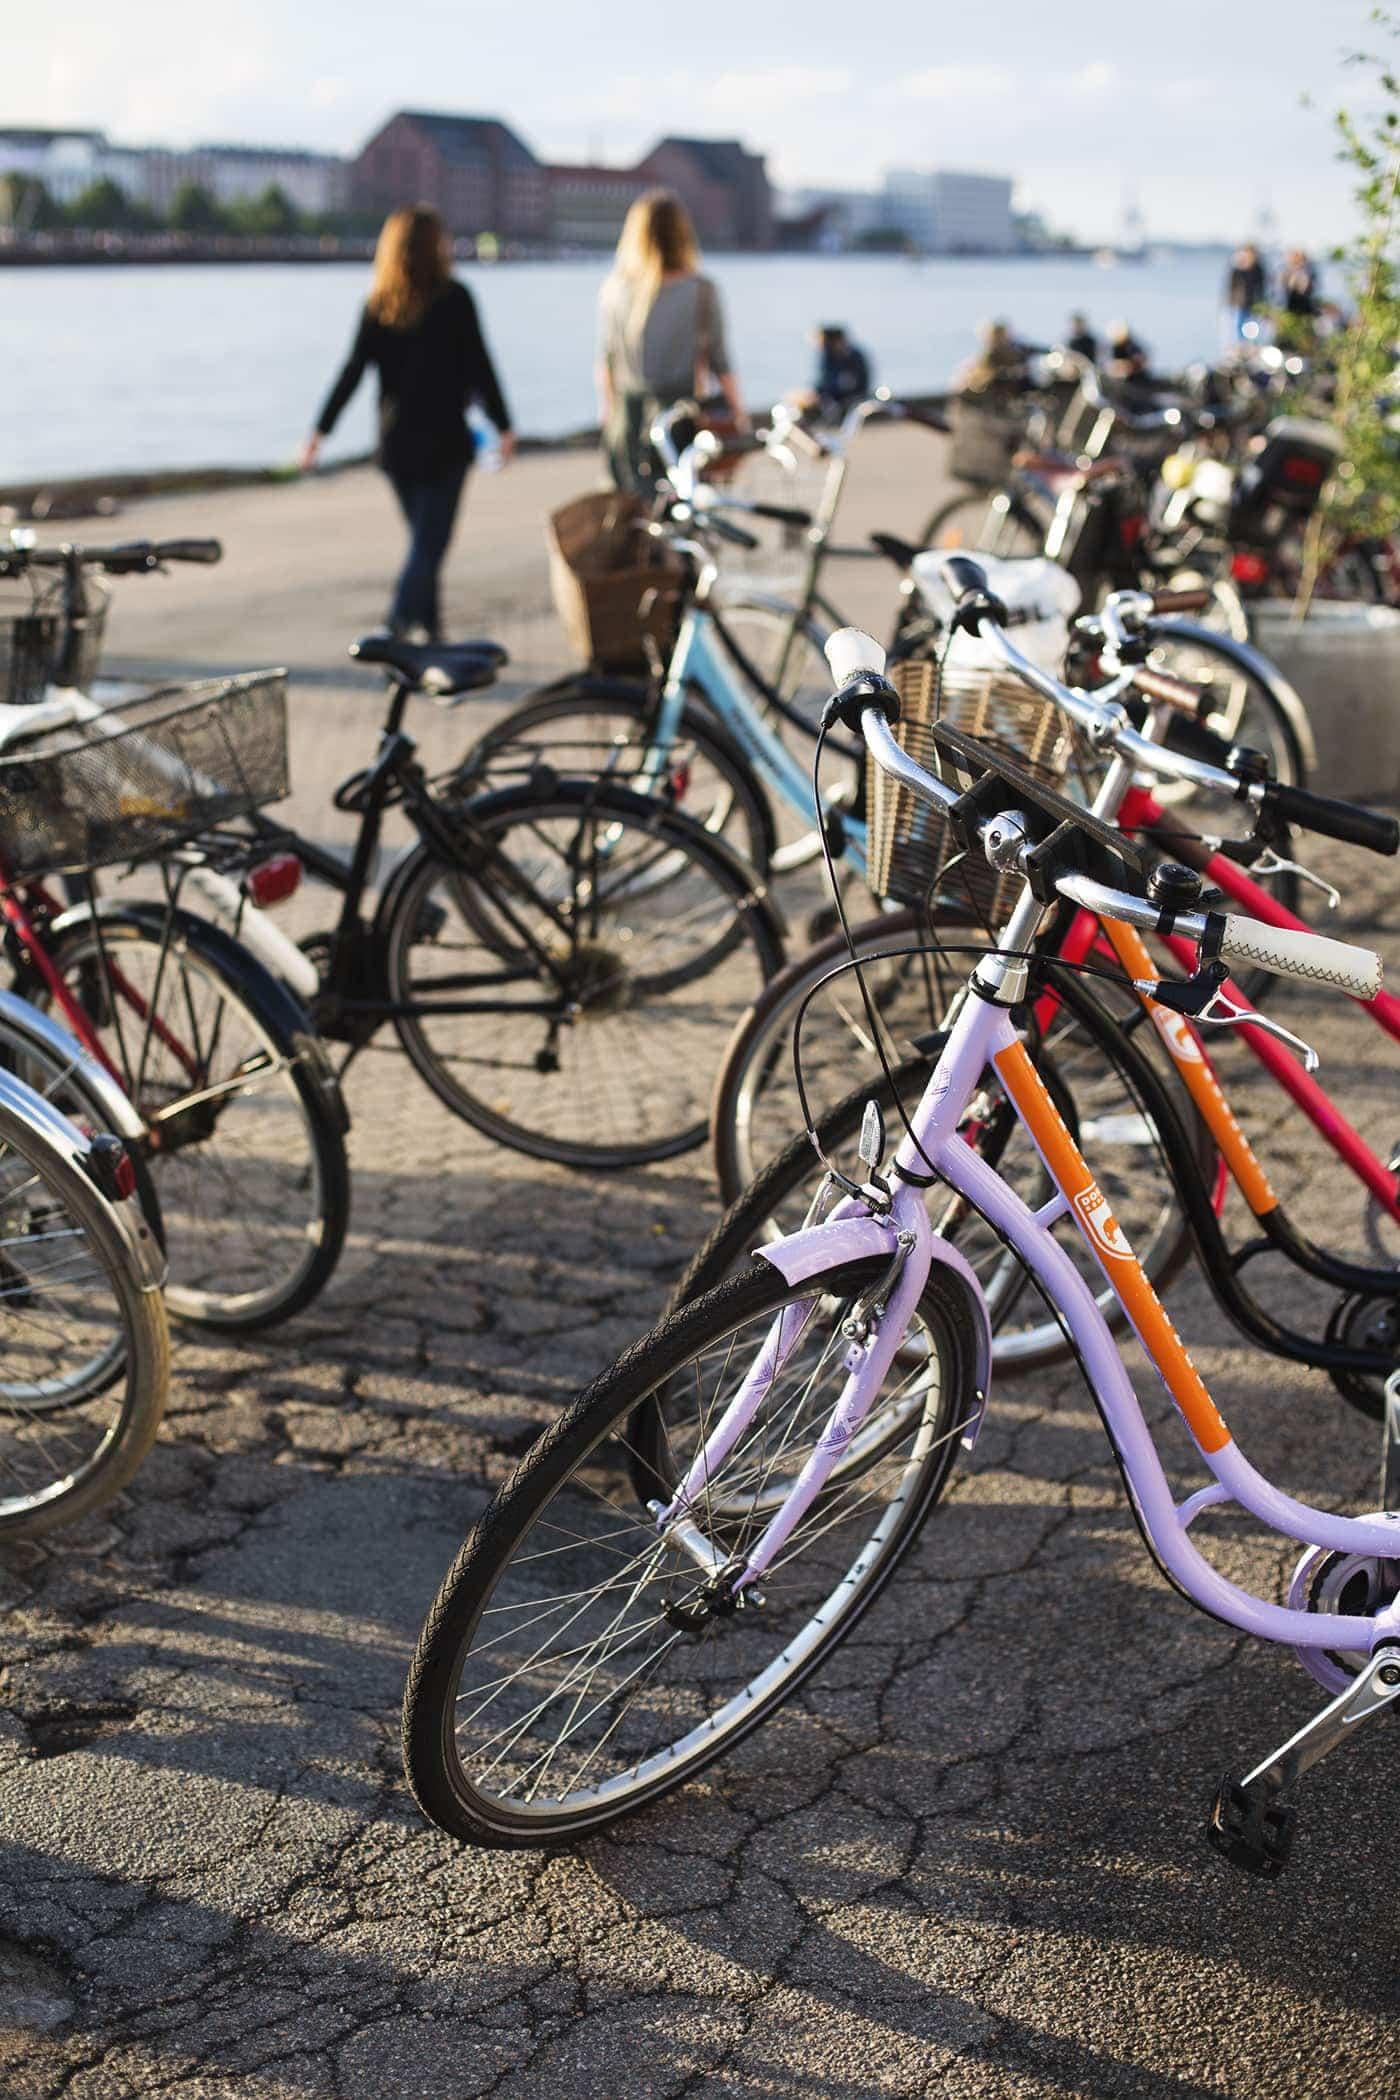 Copenhagen | wanderlust | paper island bicycles